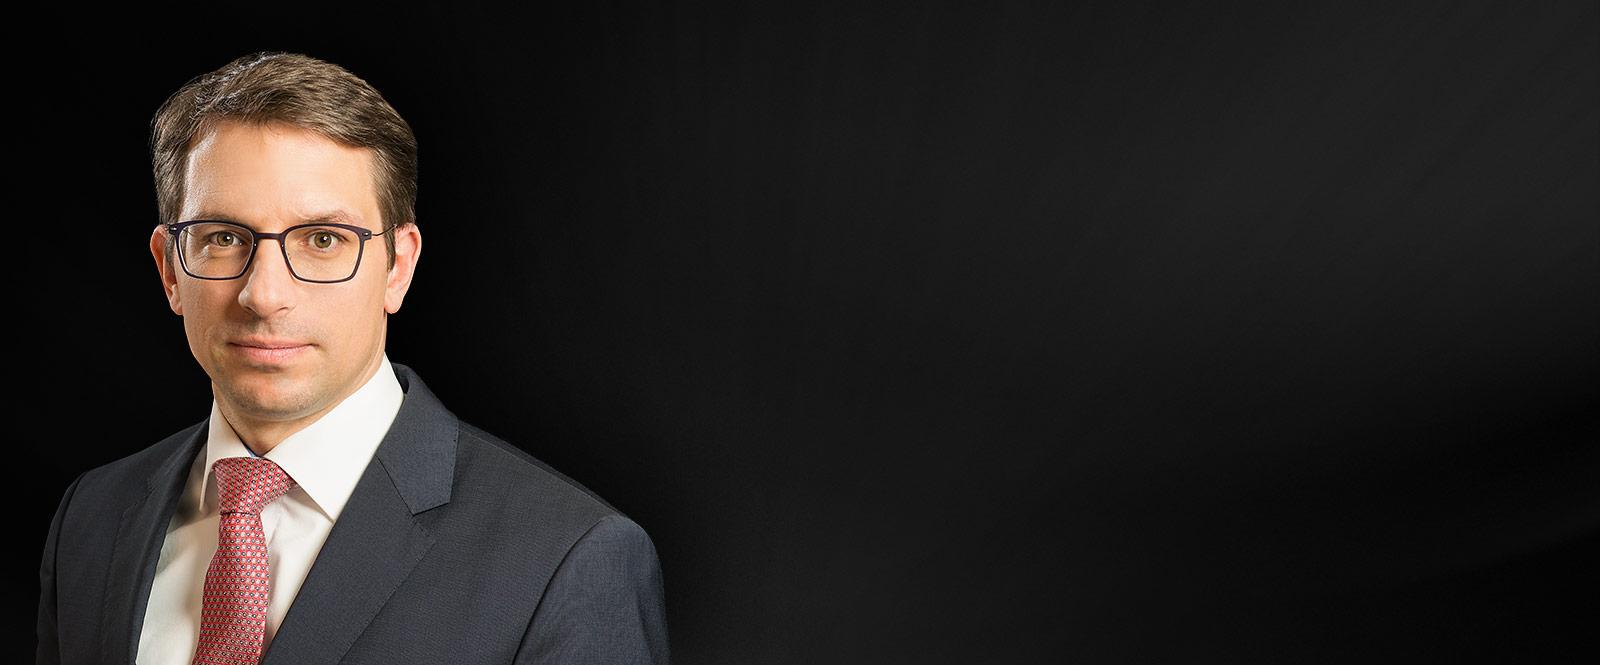 Rechtsanwalt Stephan Stöcker